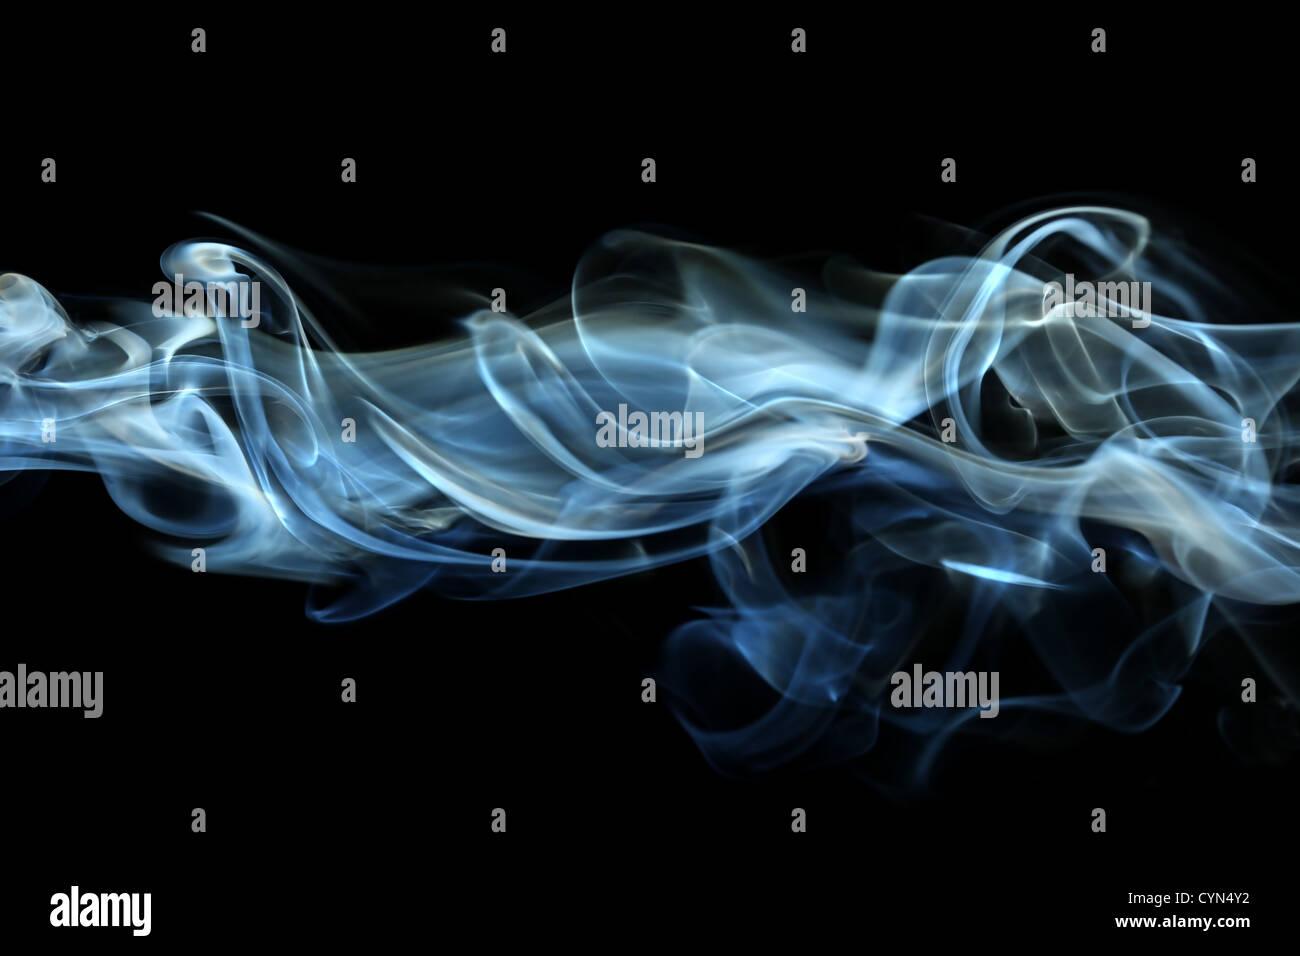 Smoke background - Stock Image